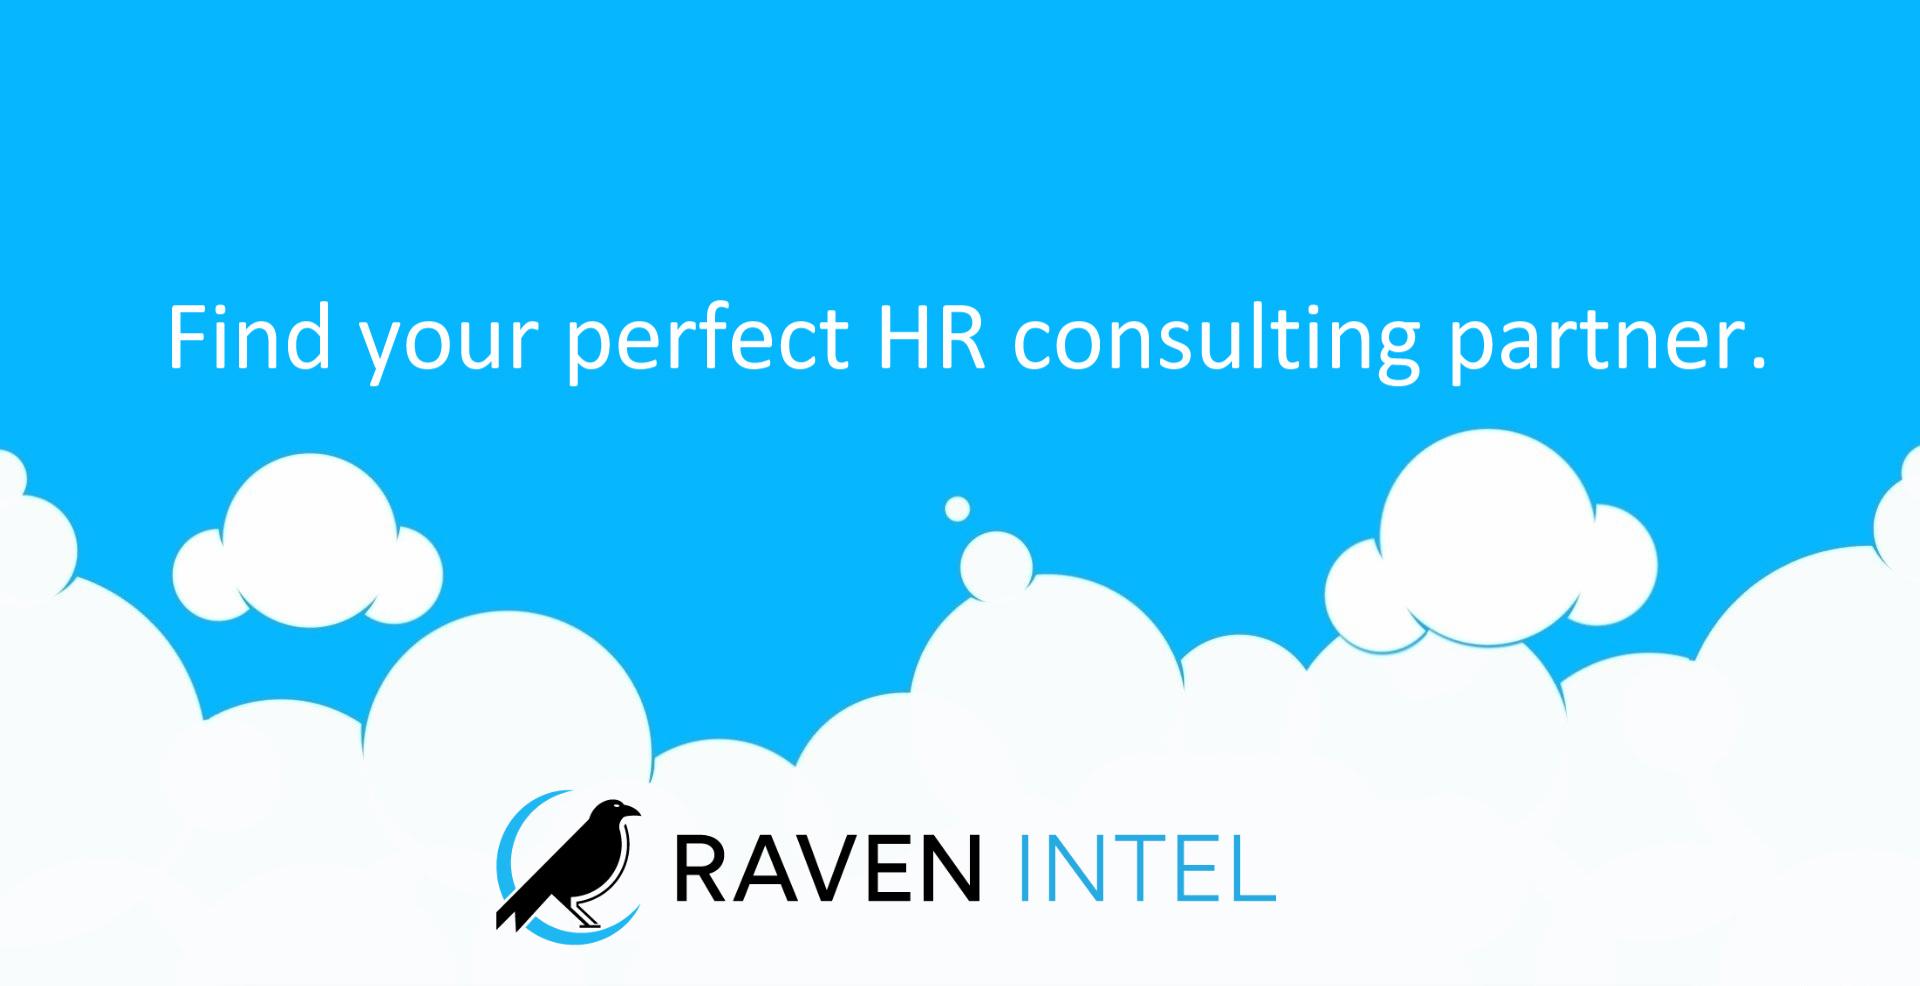 Raven Intel